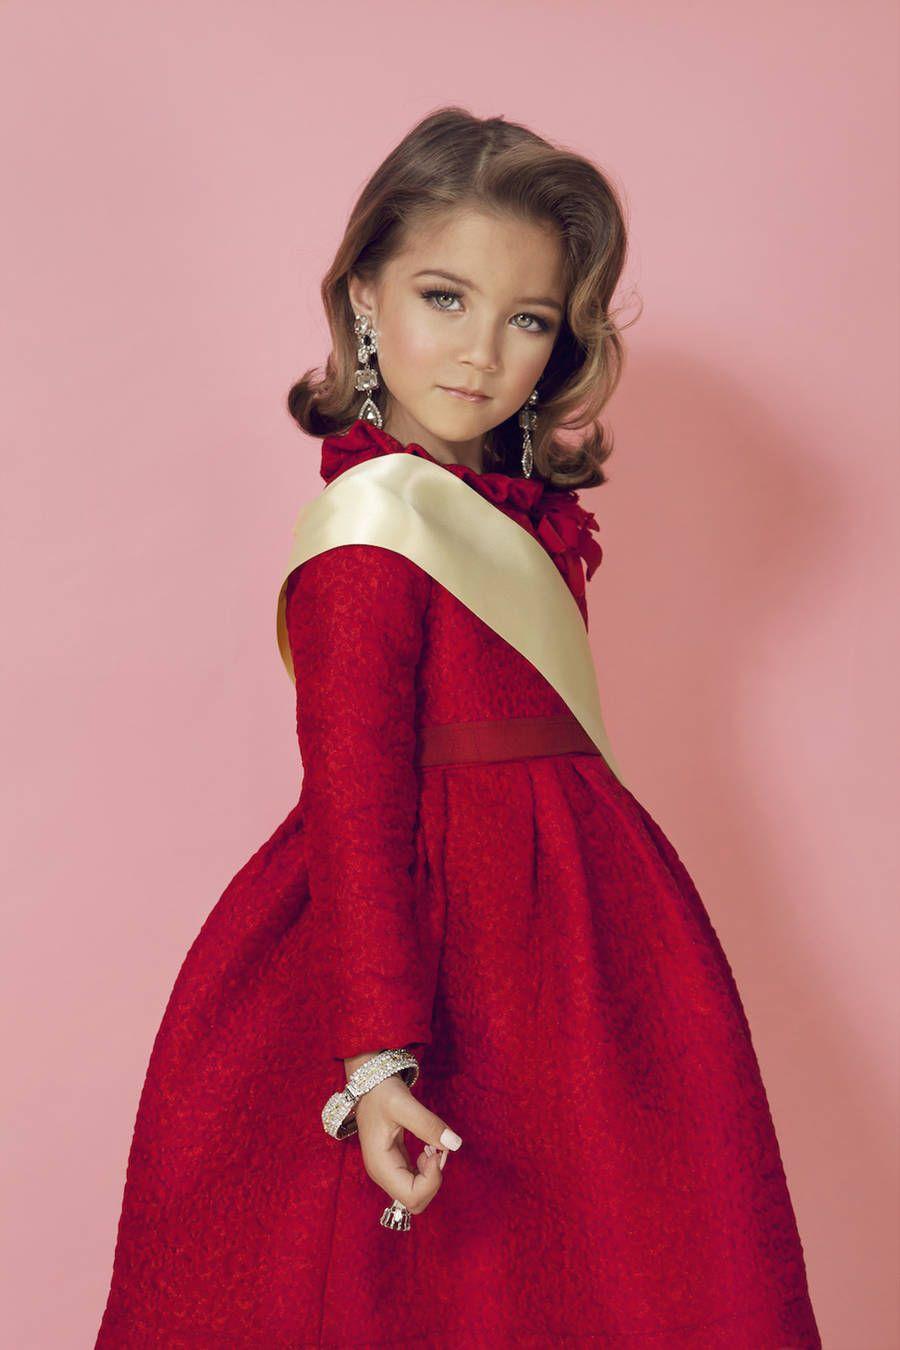 Mini Miss Portraits by Isabelle Chapuis – Fubiz Media